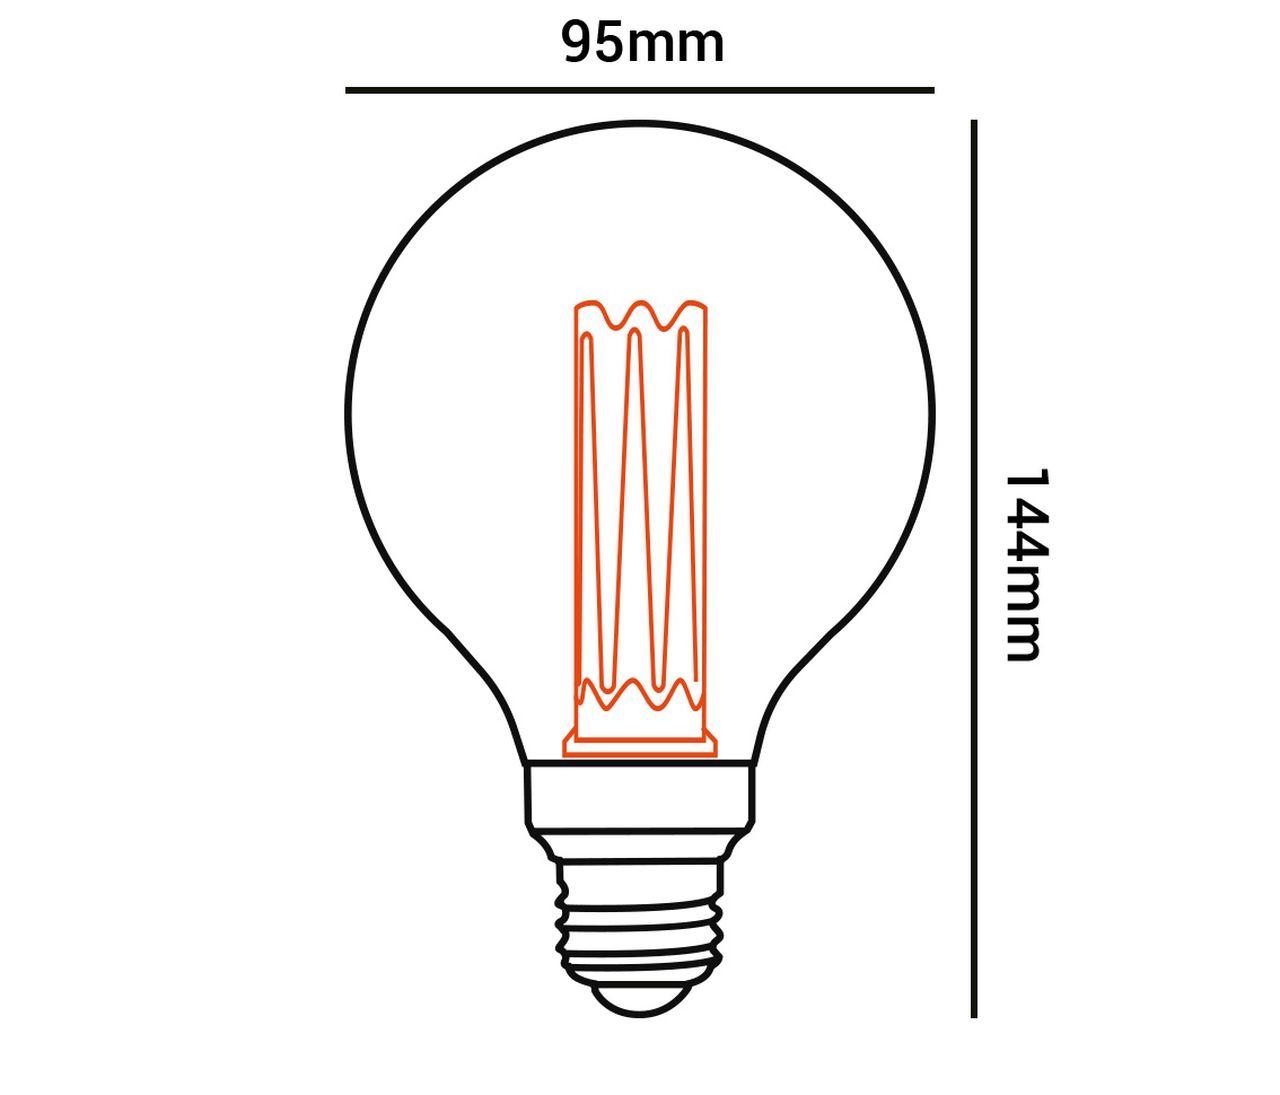 LAMPADA DEC.FIL. ACR. G 95 2,5W 1,8K 223